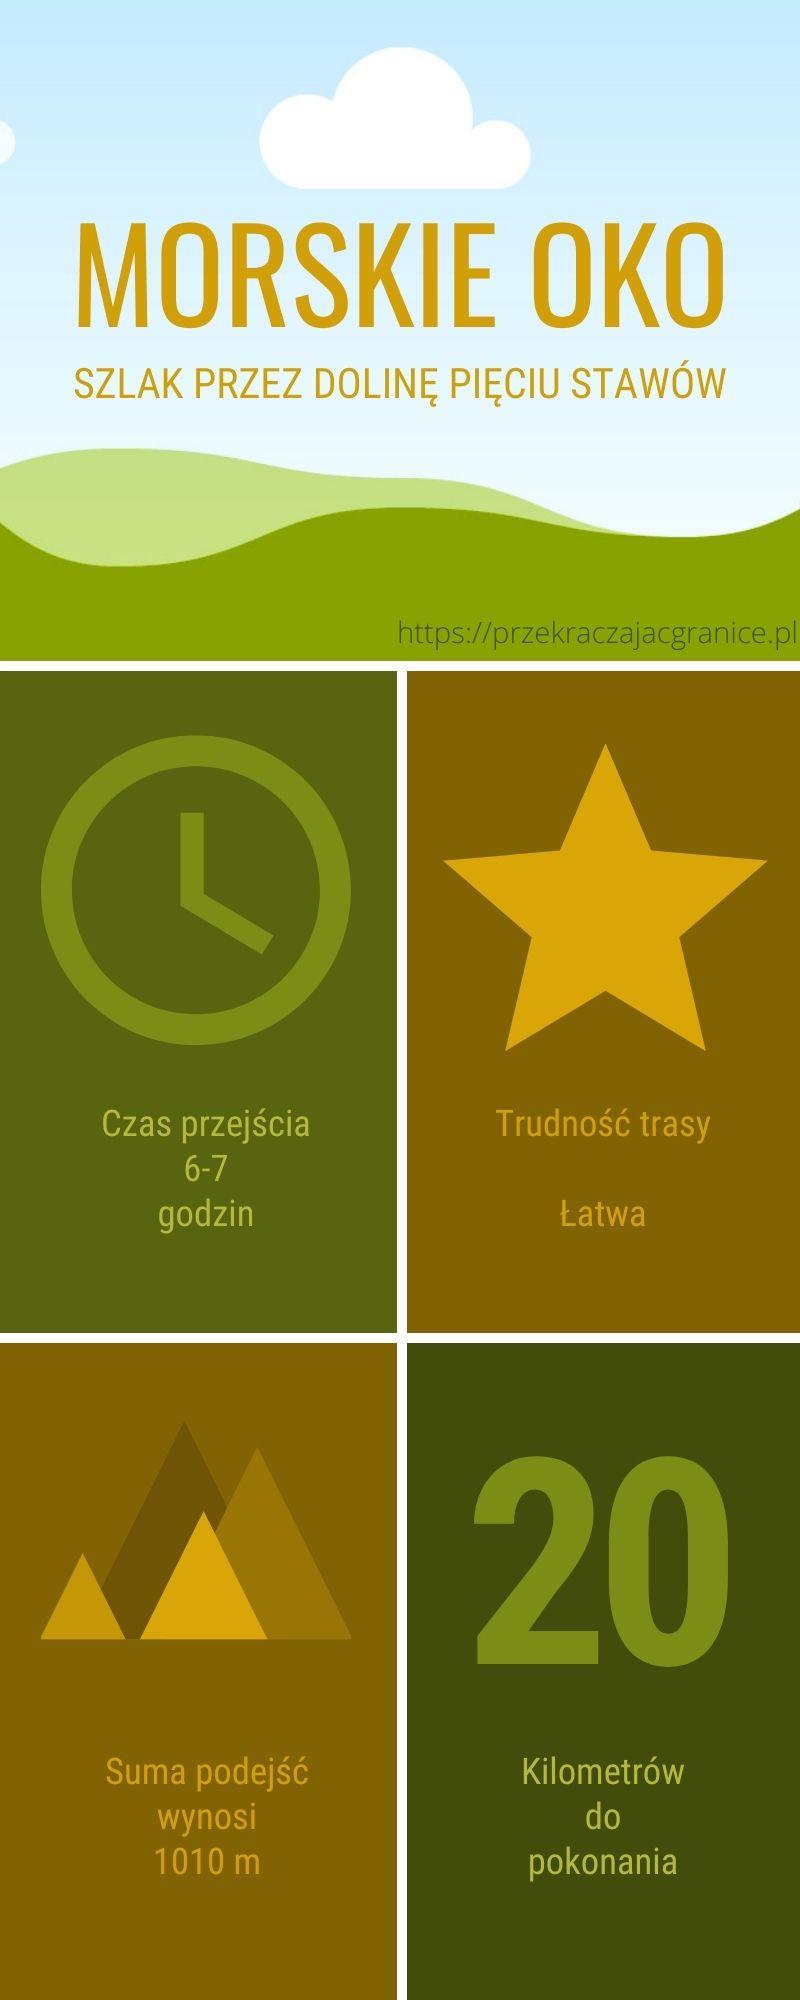 Informacje o szlaku - czas przejścia - trudność - wysokość - odległość